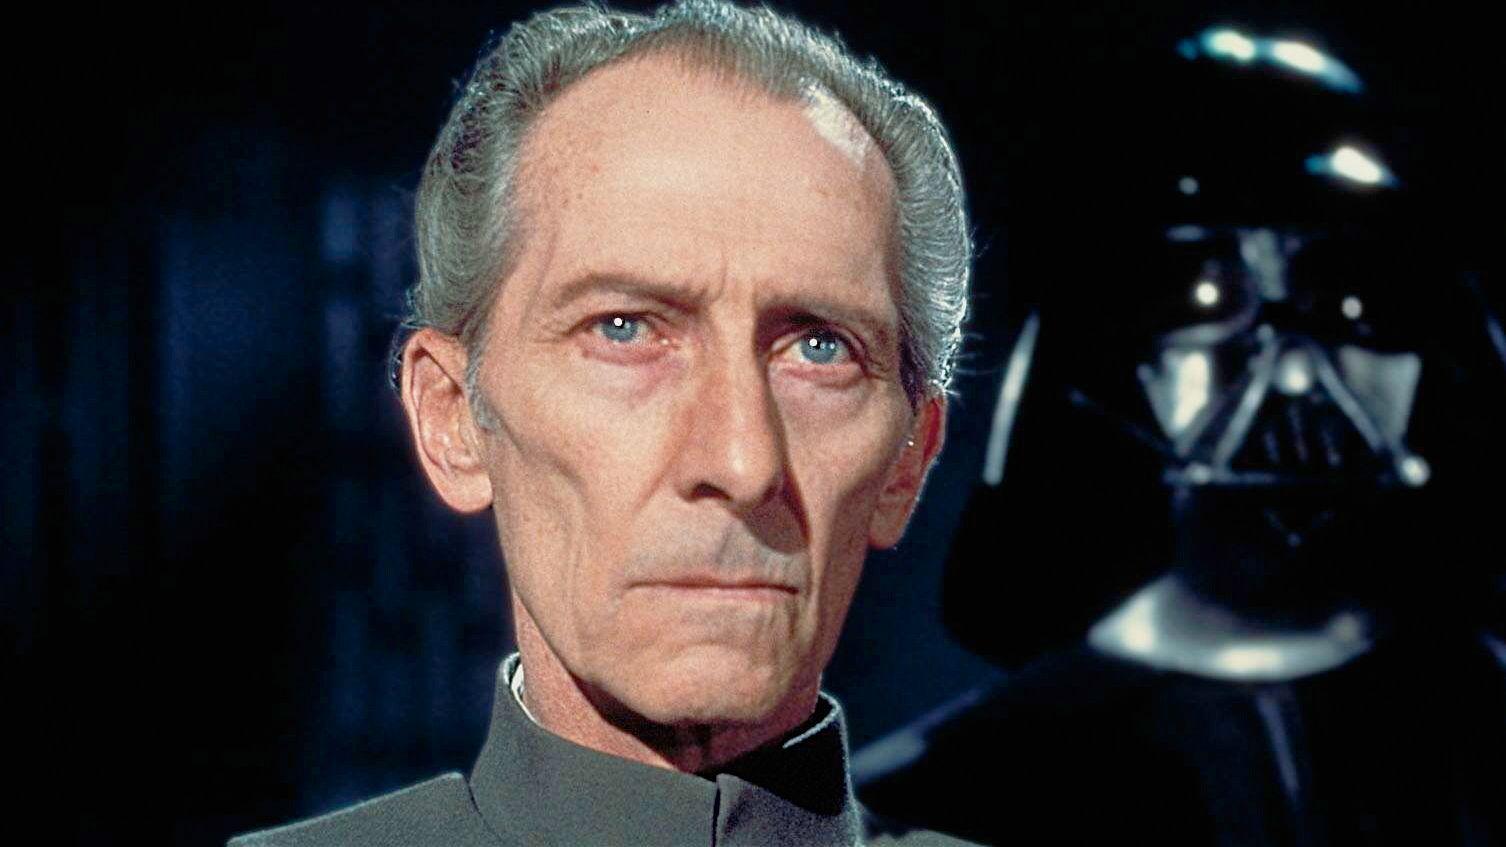 Han døde for 20 år siden, men skal gjøre comeback i ny Star Wars-film